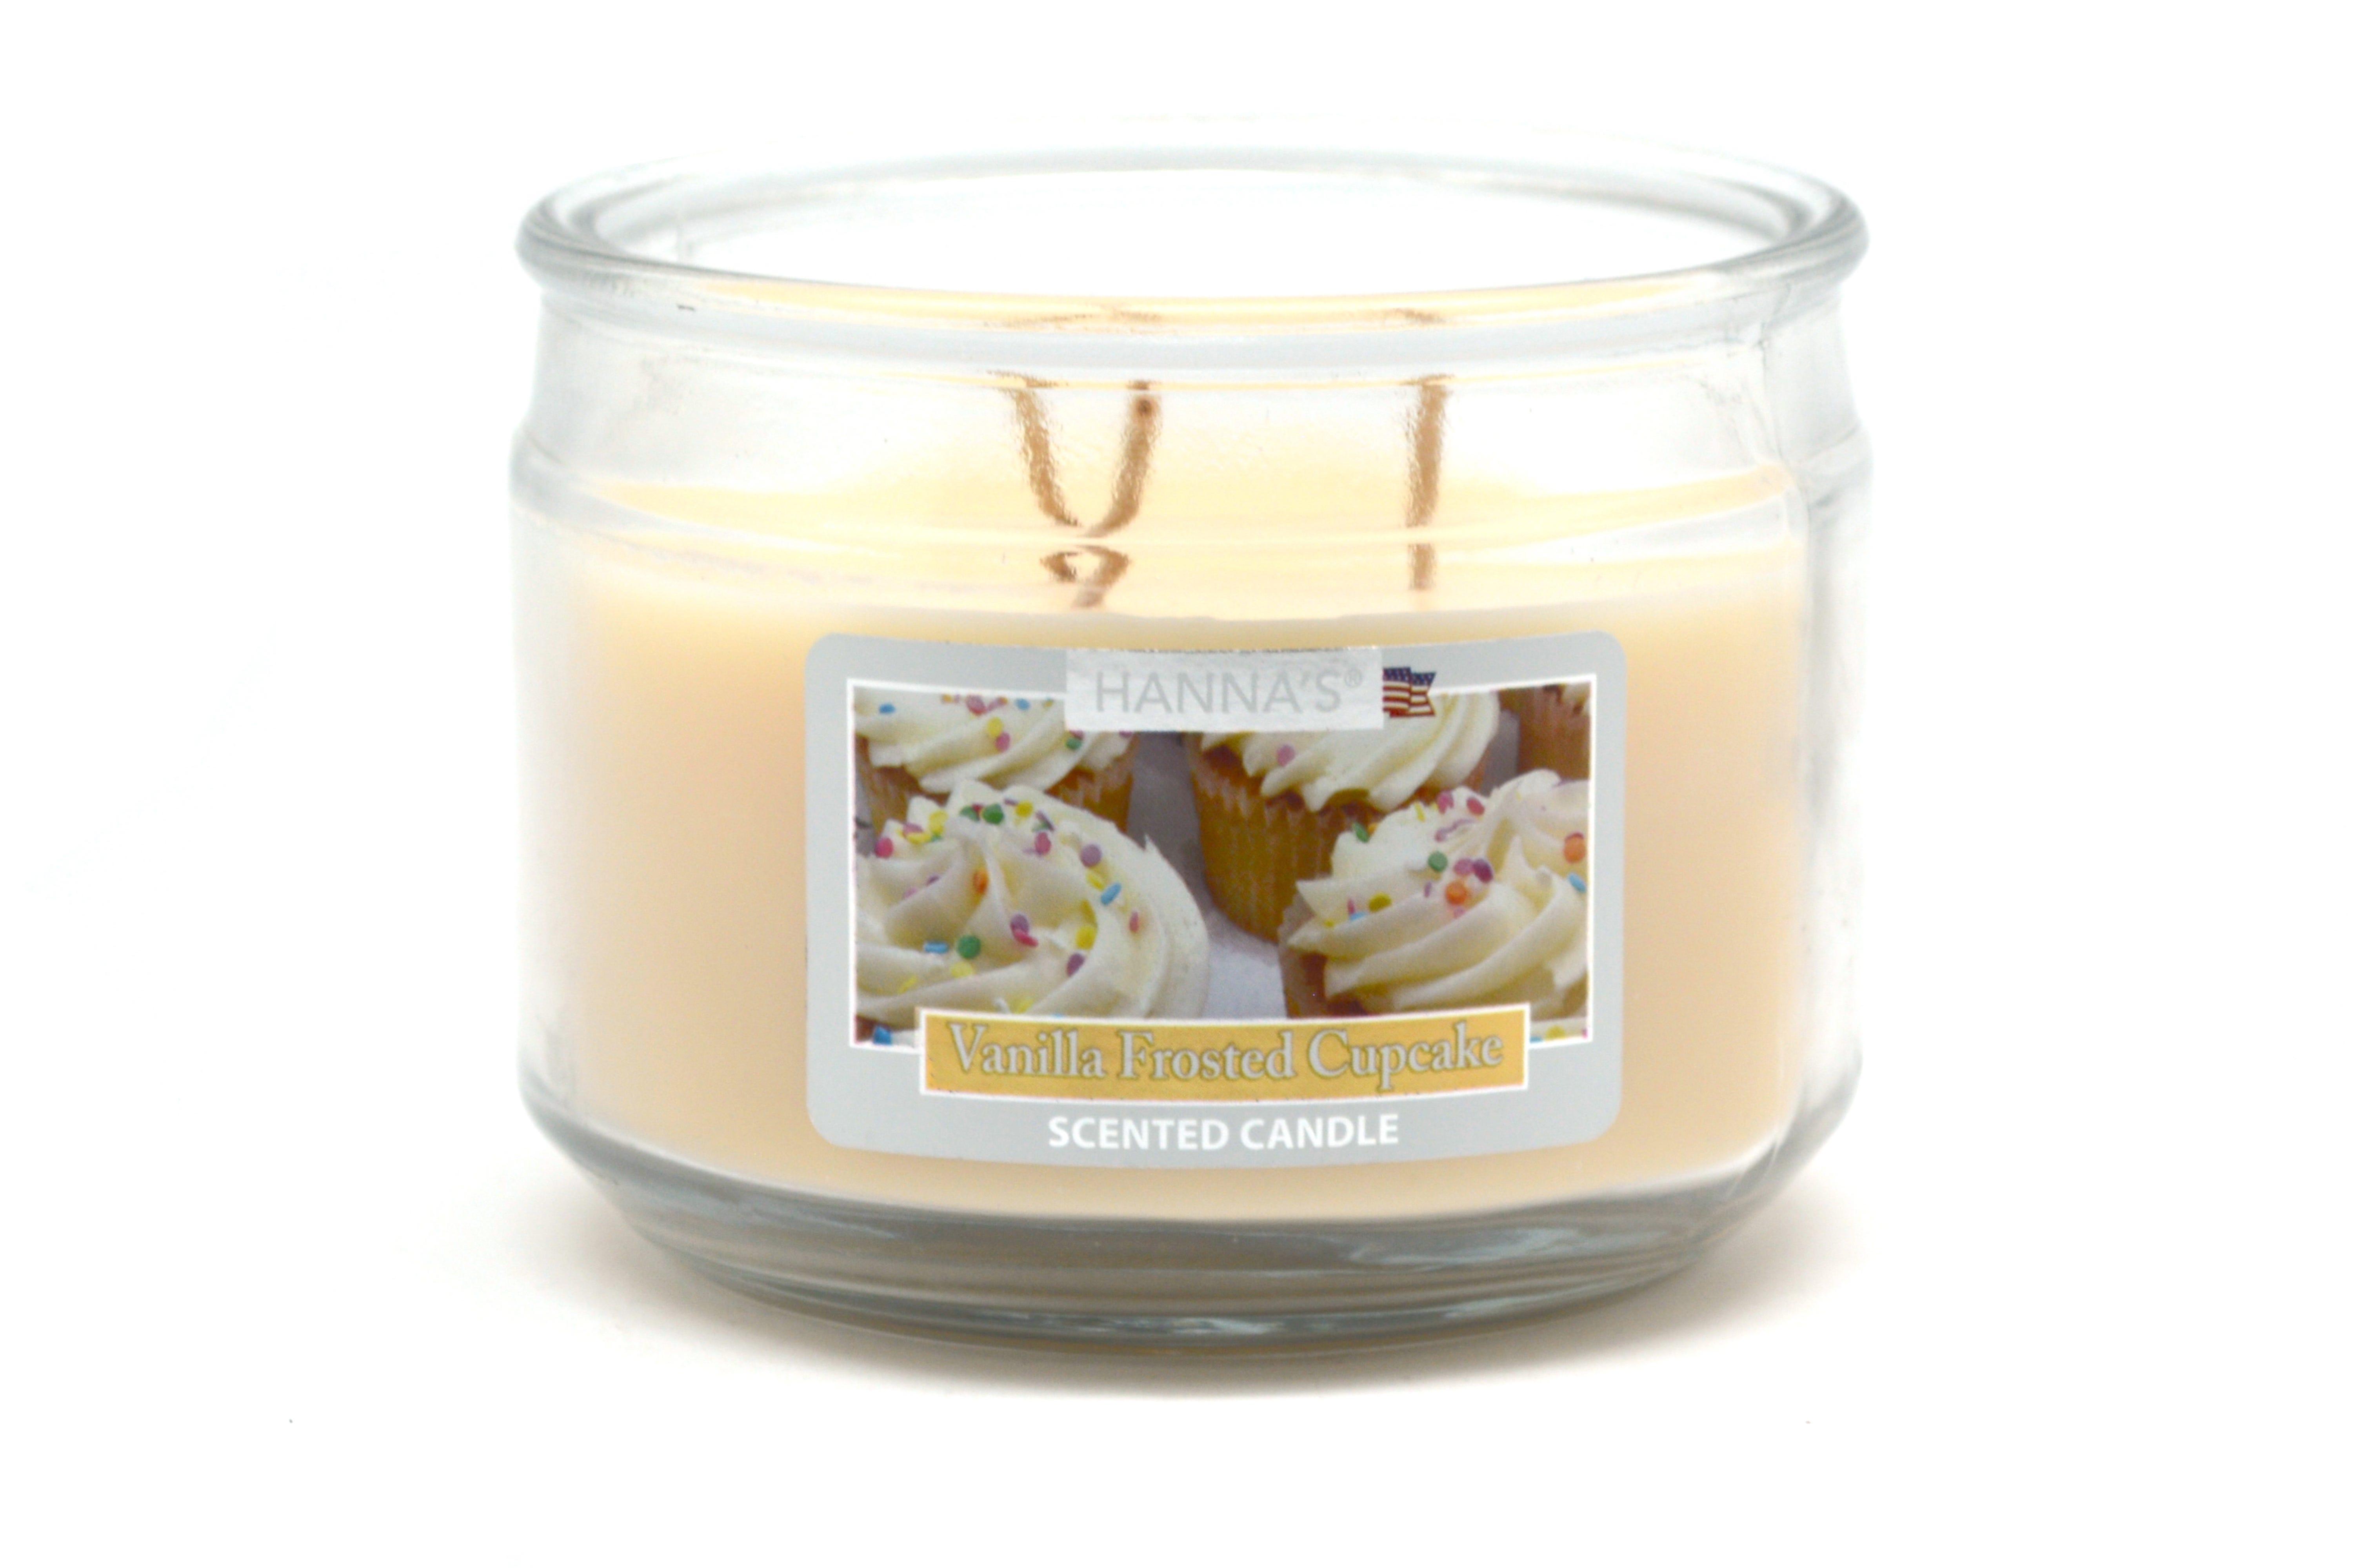 Vela en vaso de 3 pabilos Hanna's aroma glaseado de vainilla, 326 g